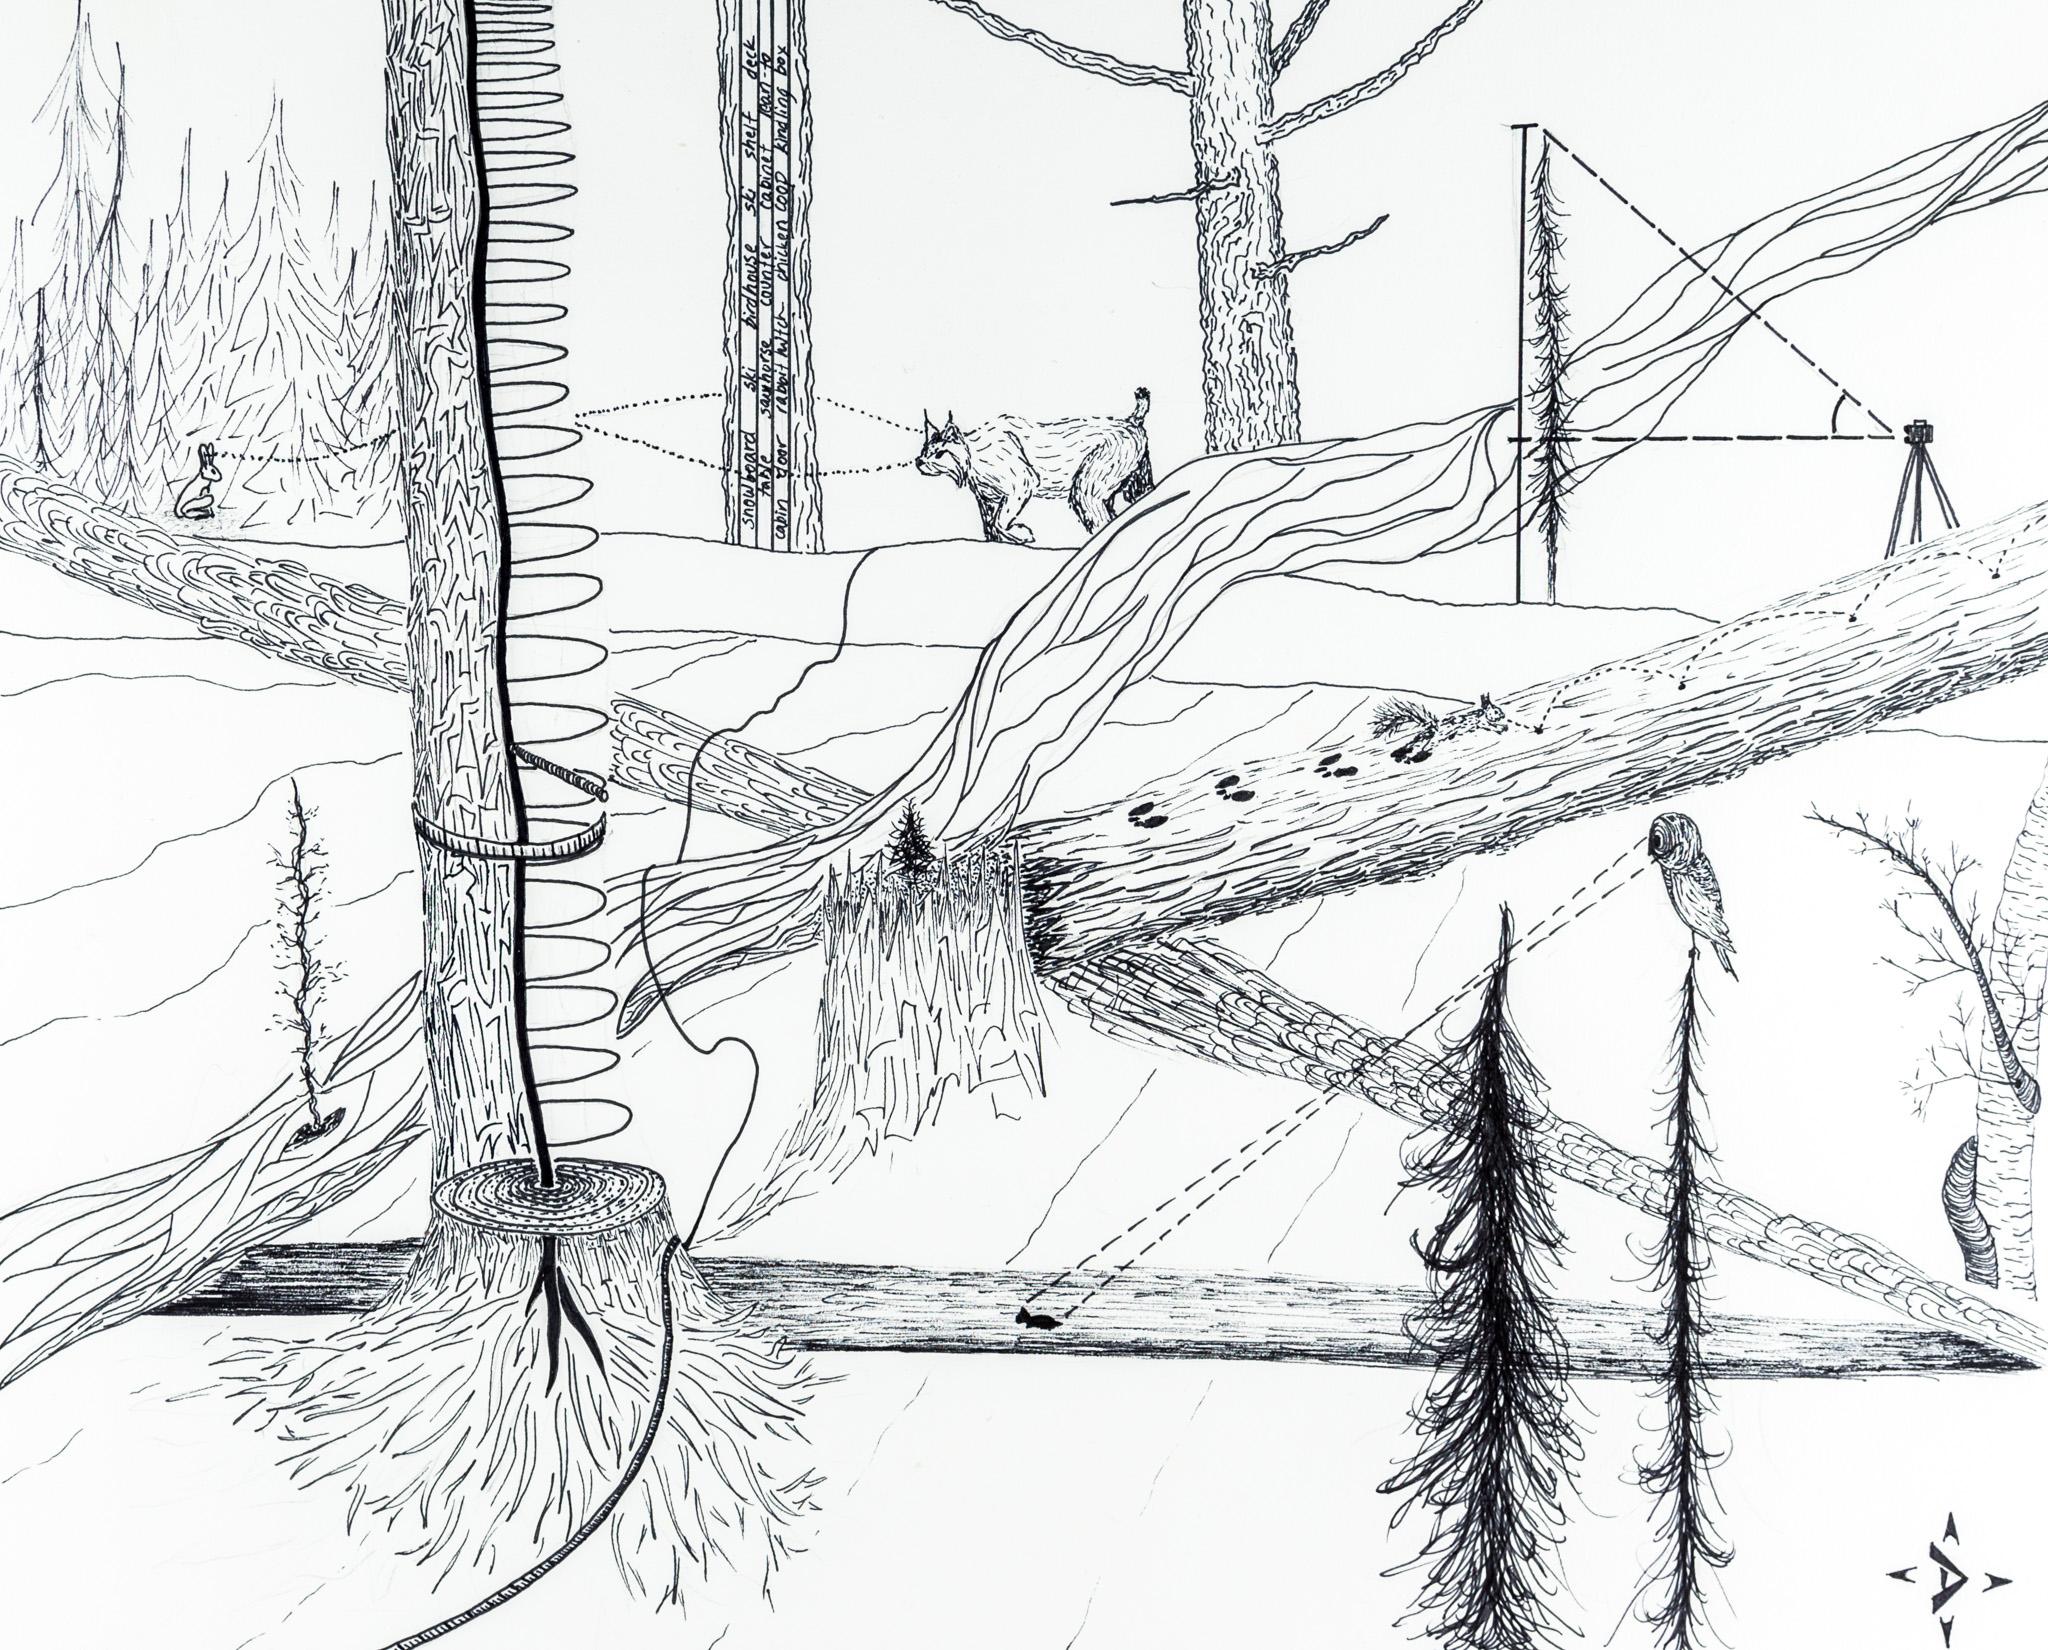 Apparatus Drawing At Getdrawings